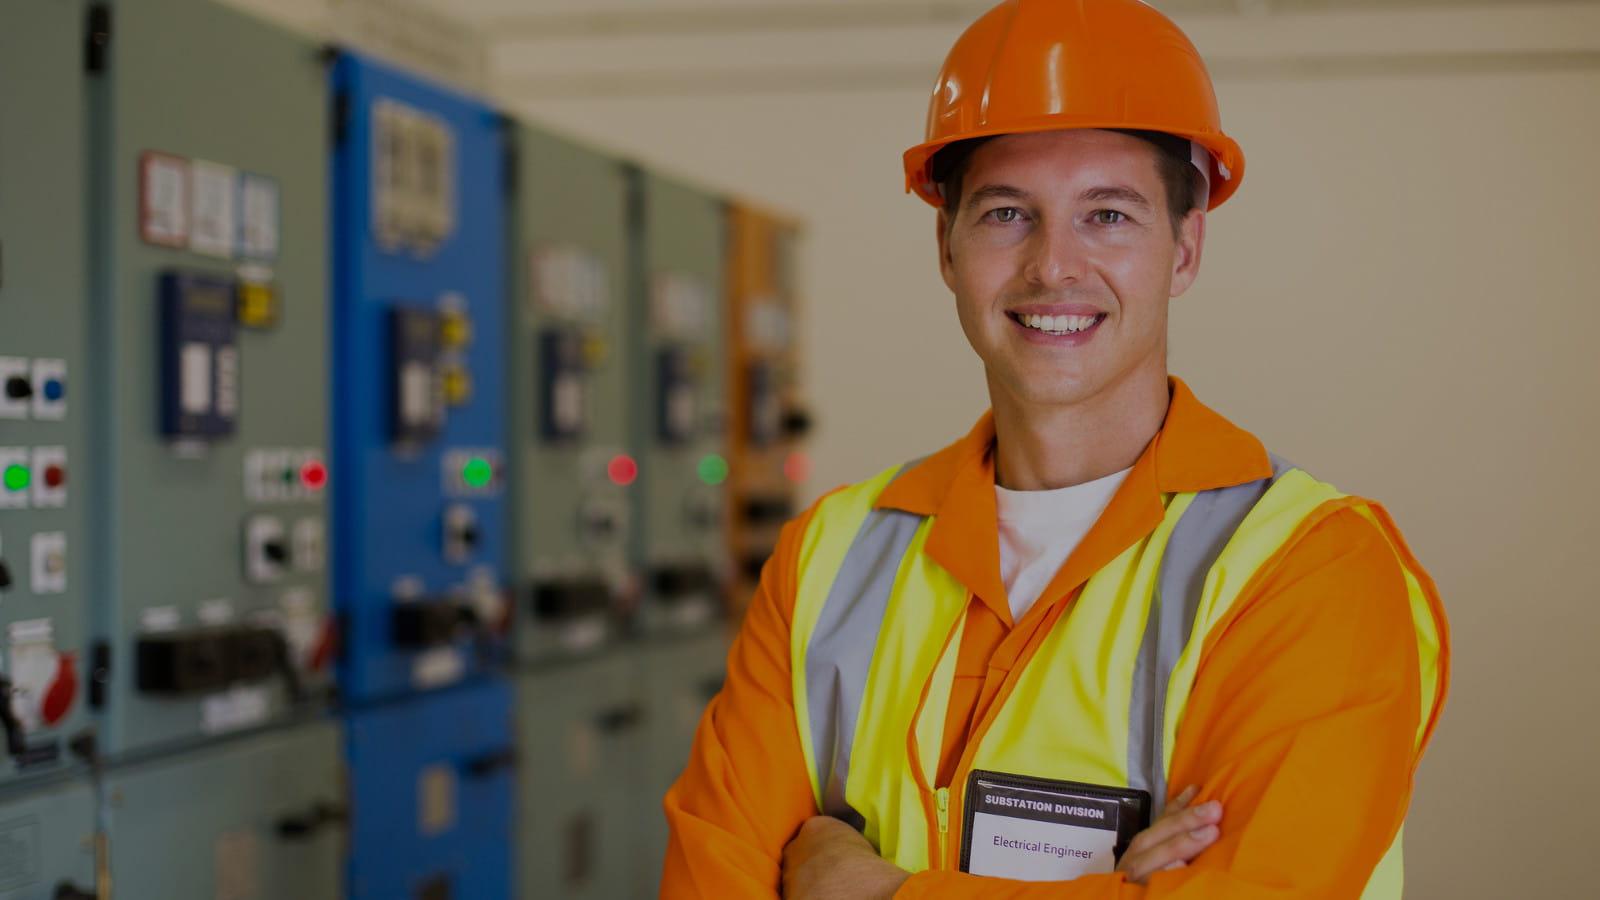 Manutenção de Nobreaks: profissional avaliando energia eletríca dentro da empresa.